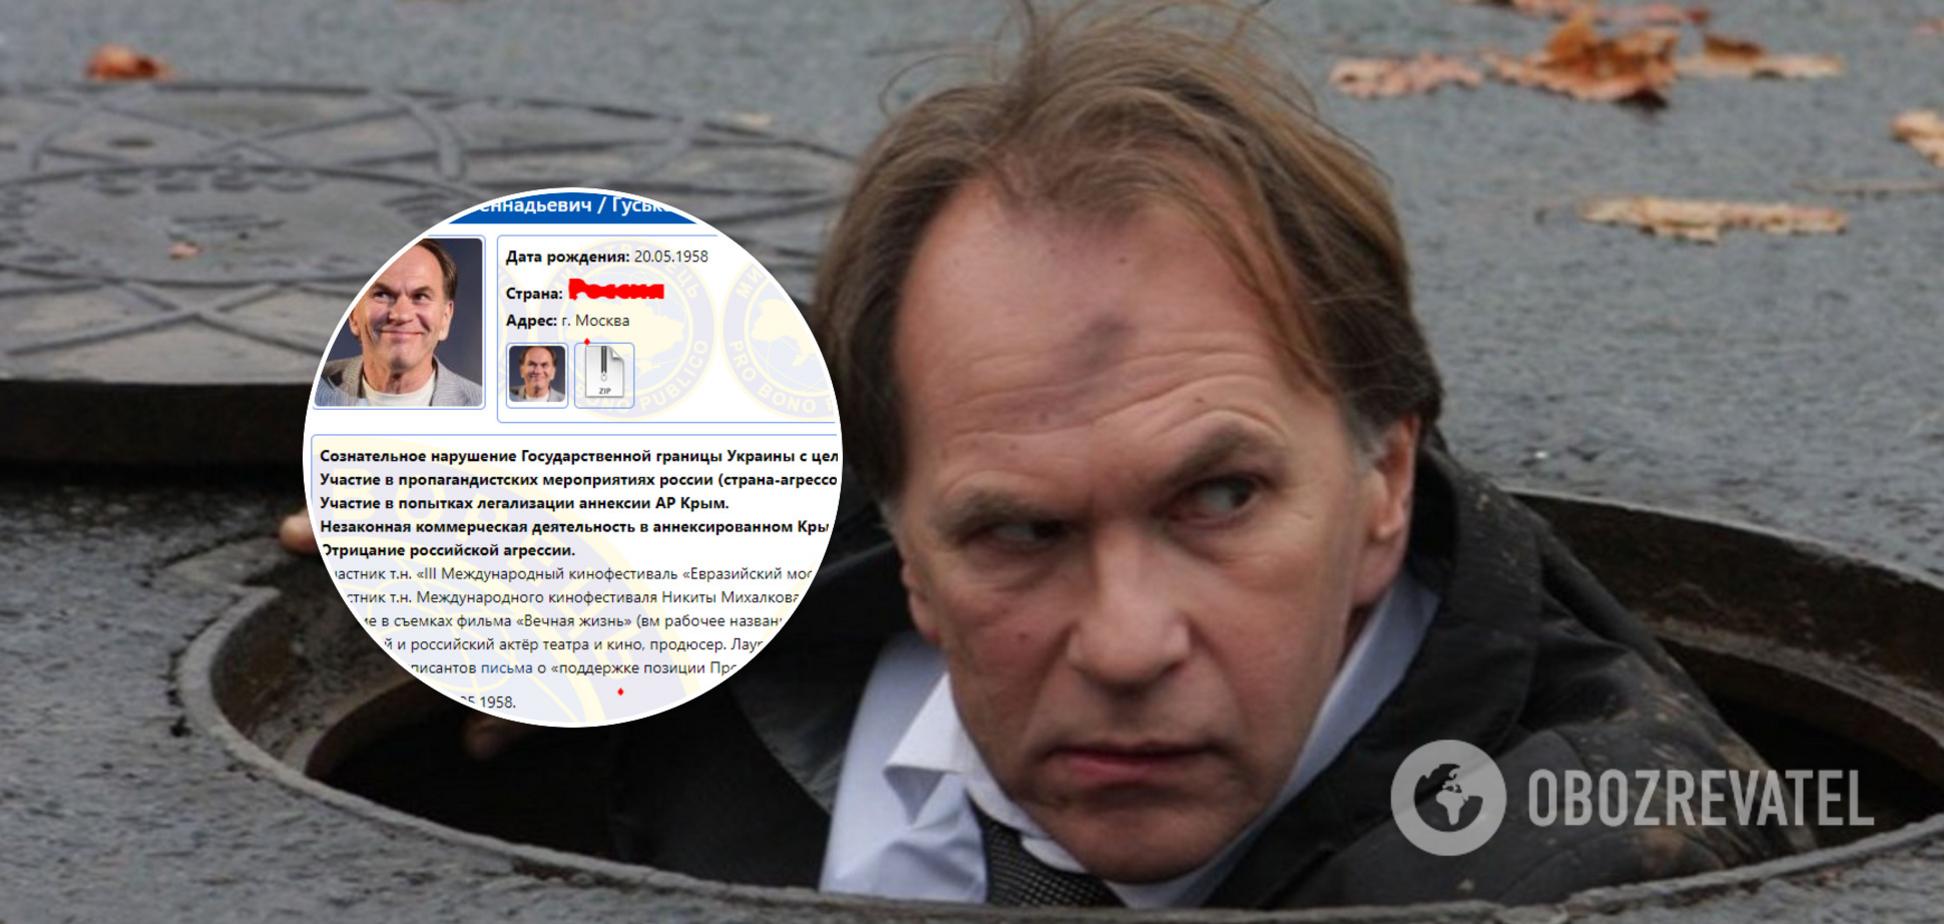 Российский актер из базы 'Миротворца' заявил об обещании Зеленского закрыть сайт. Видео